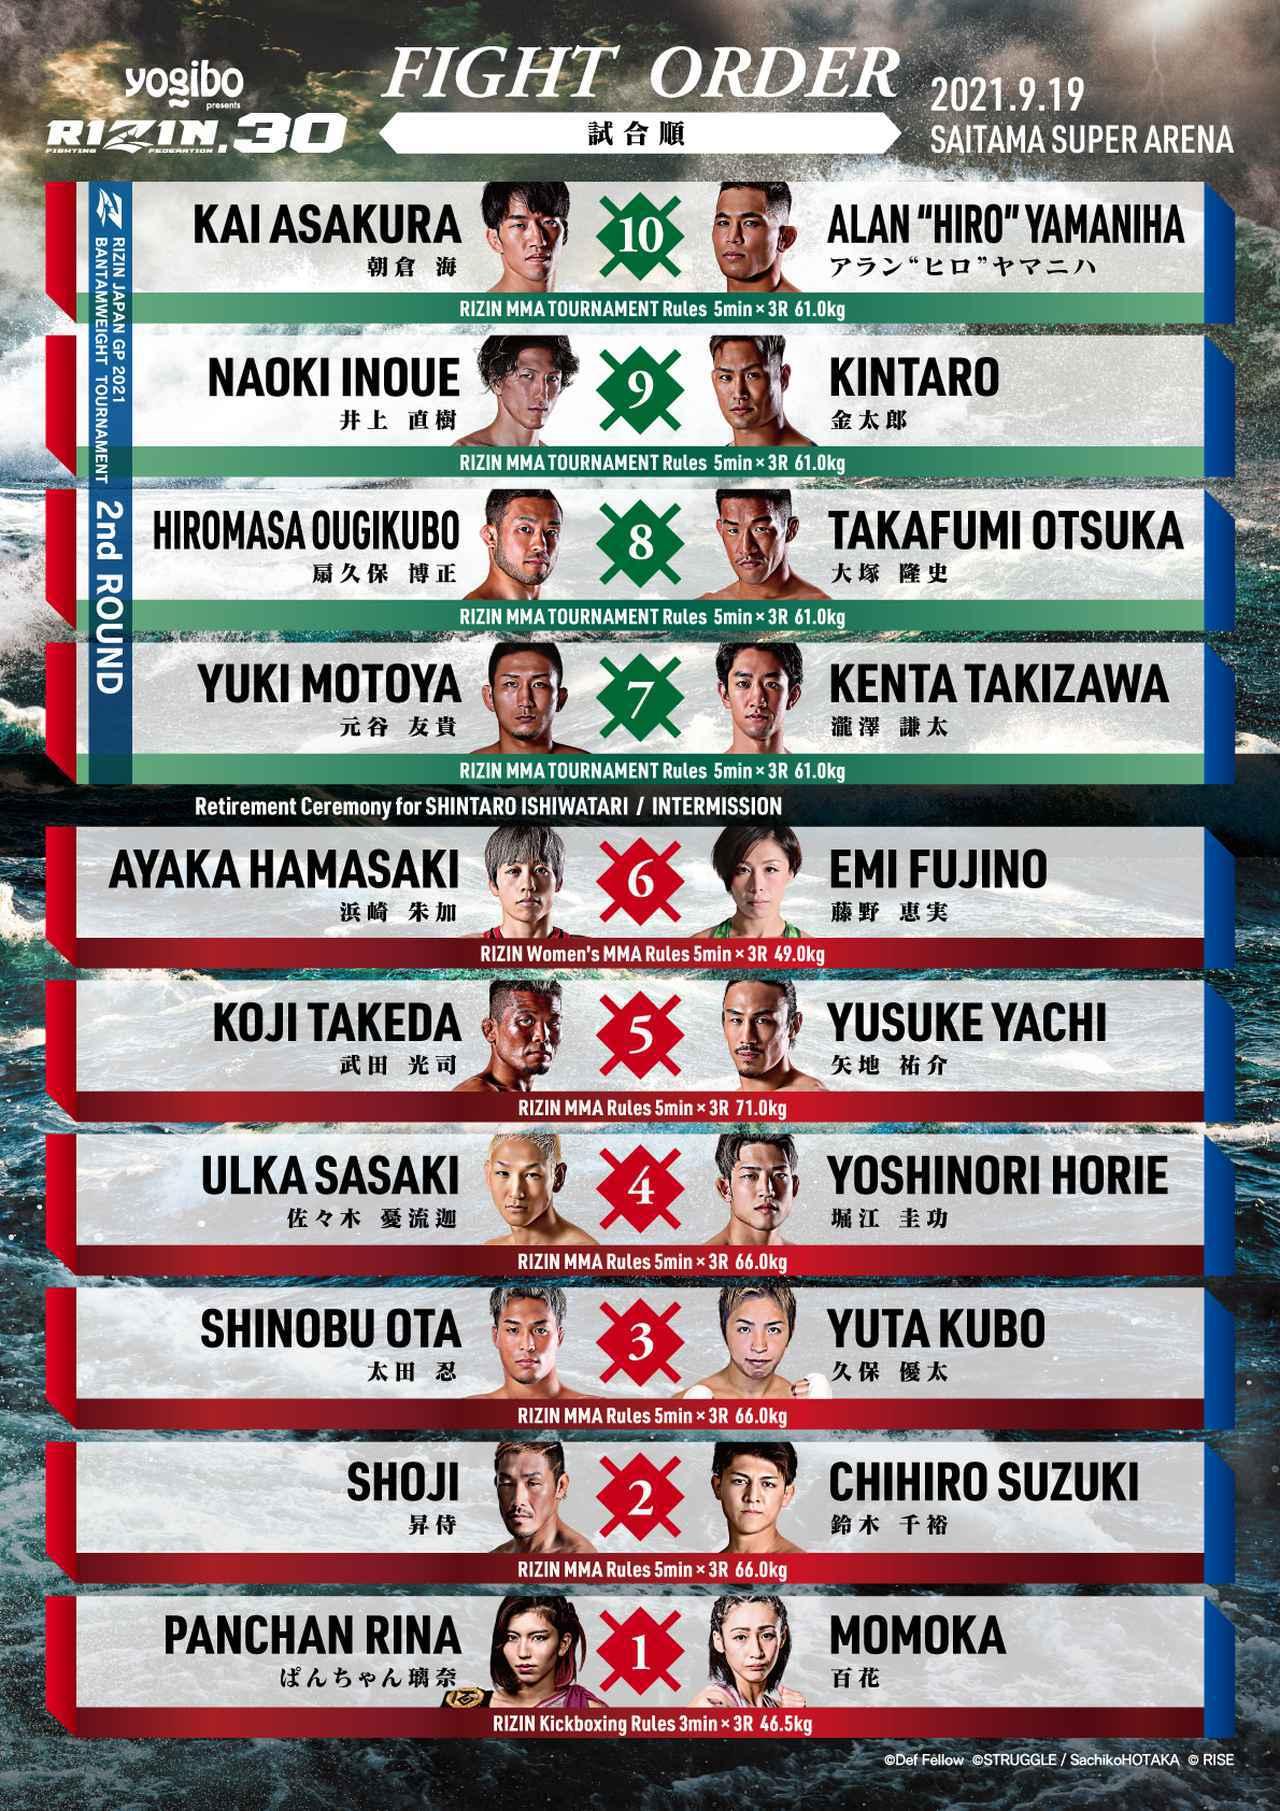 画像: Yogibo presents RIZIN.30 complete fight order